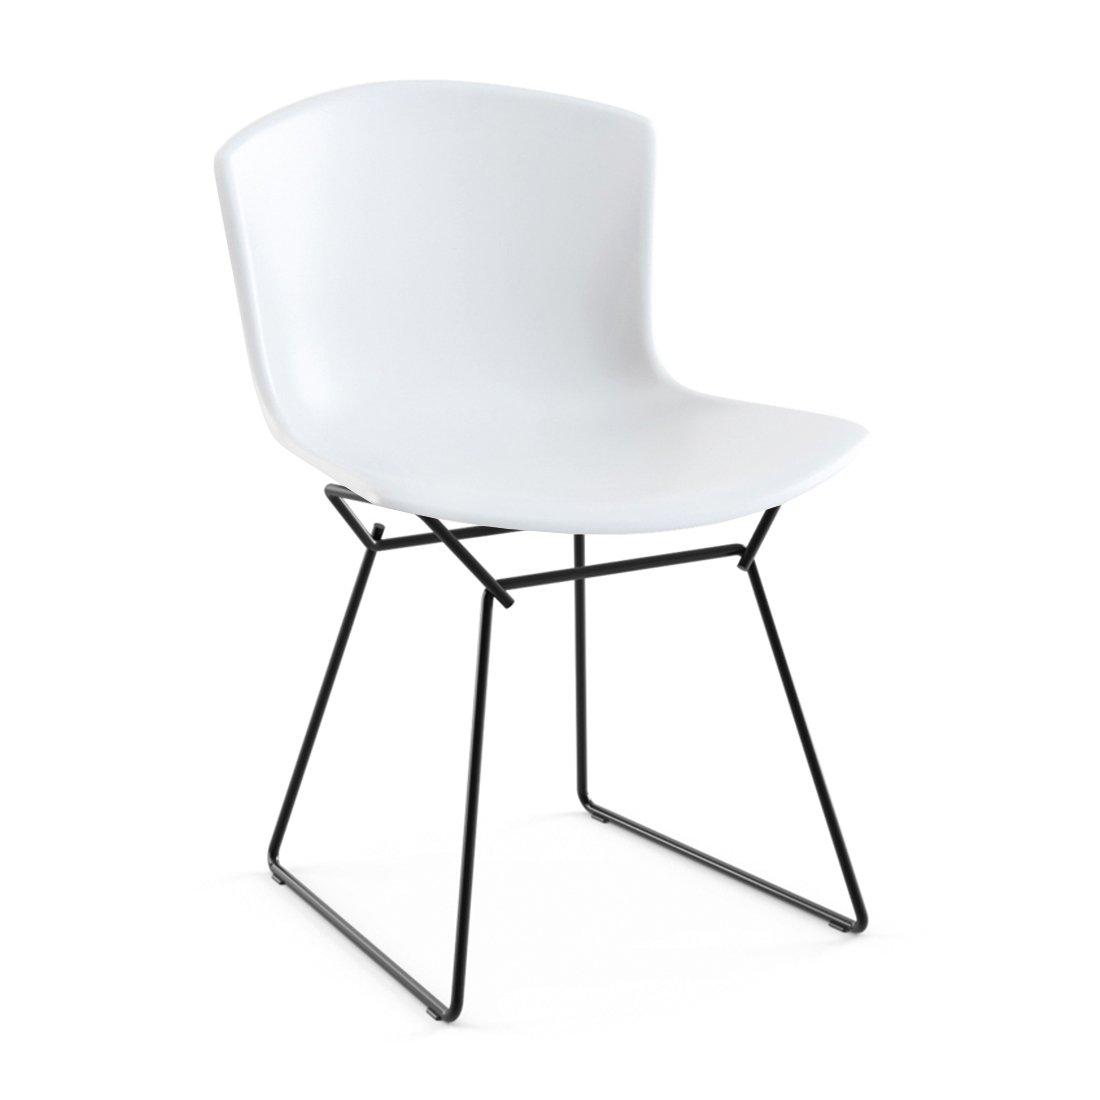 Knoll Bertoia Plastic Side Chair - Wit/Zwart